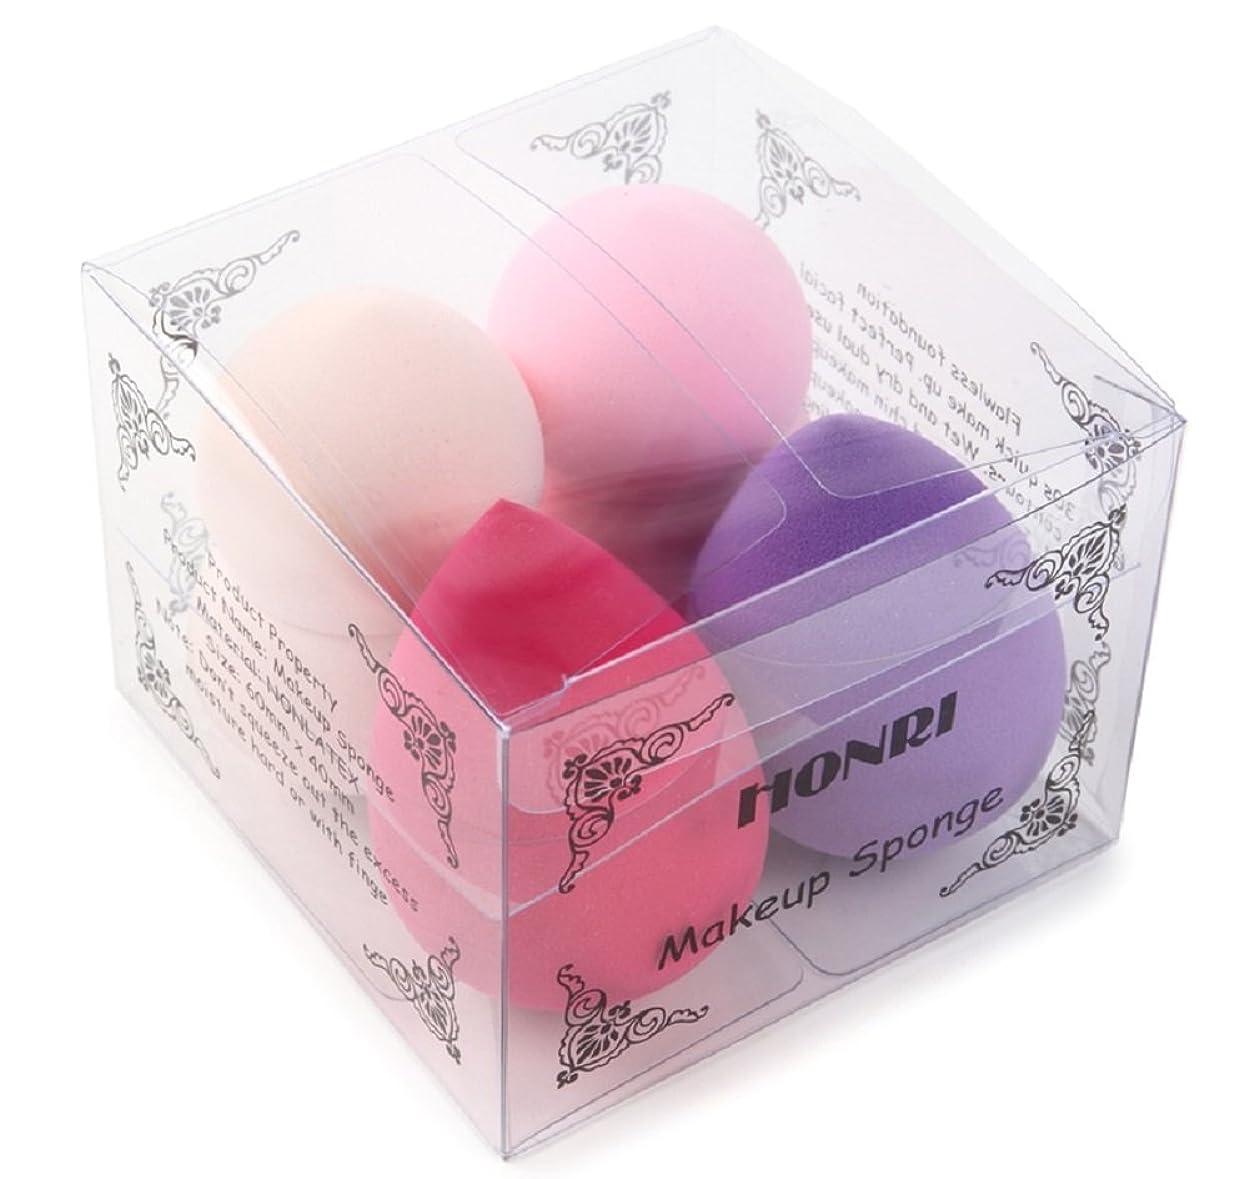 HONRI メイクアップ スポンジパフ 化粧 メイク パフ プロ 用 スポンジ ファンデーション (4色 涙型 ひょうたん型 セット)